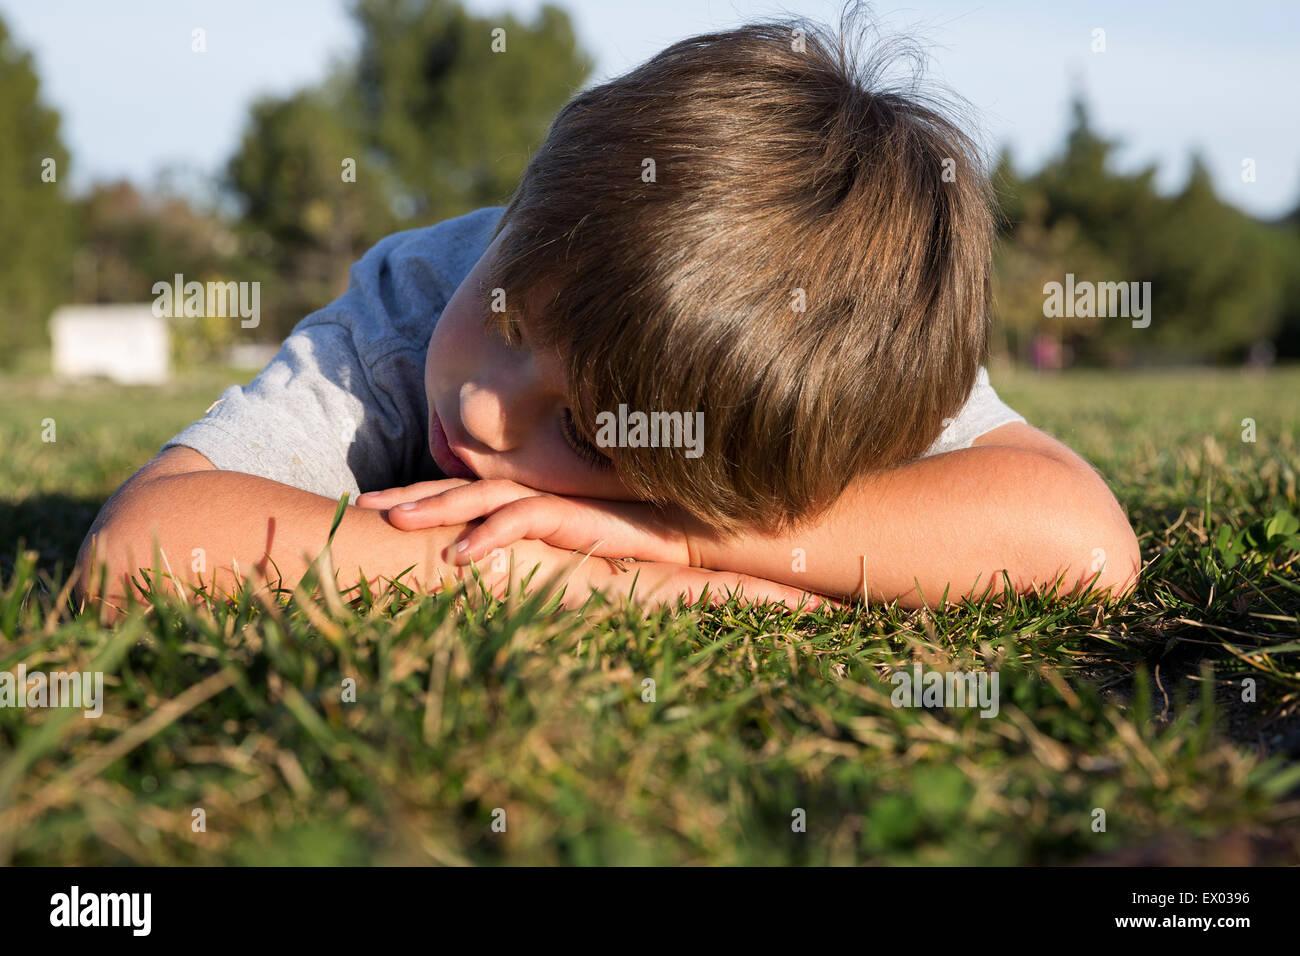 Hosco boy con bajar la cabeza recostada sobre la hierba del parque Imagen De Stock